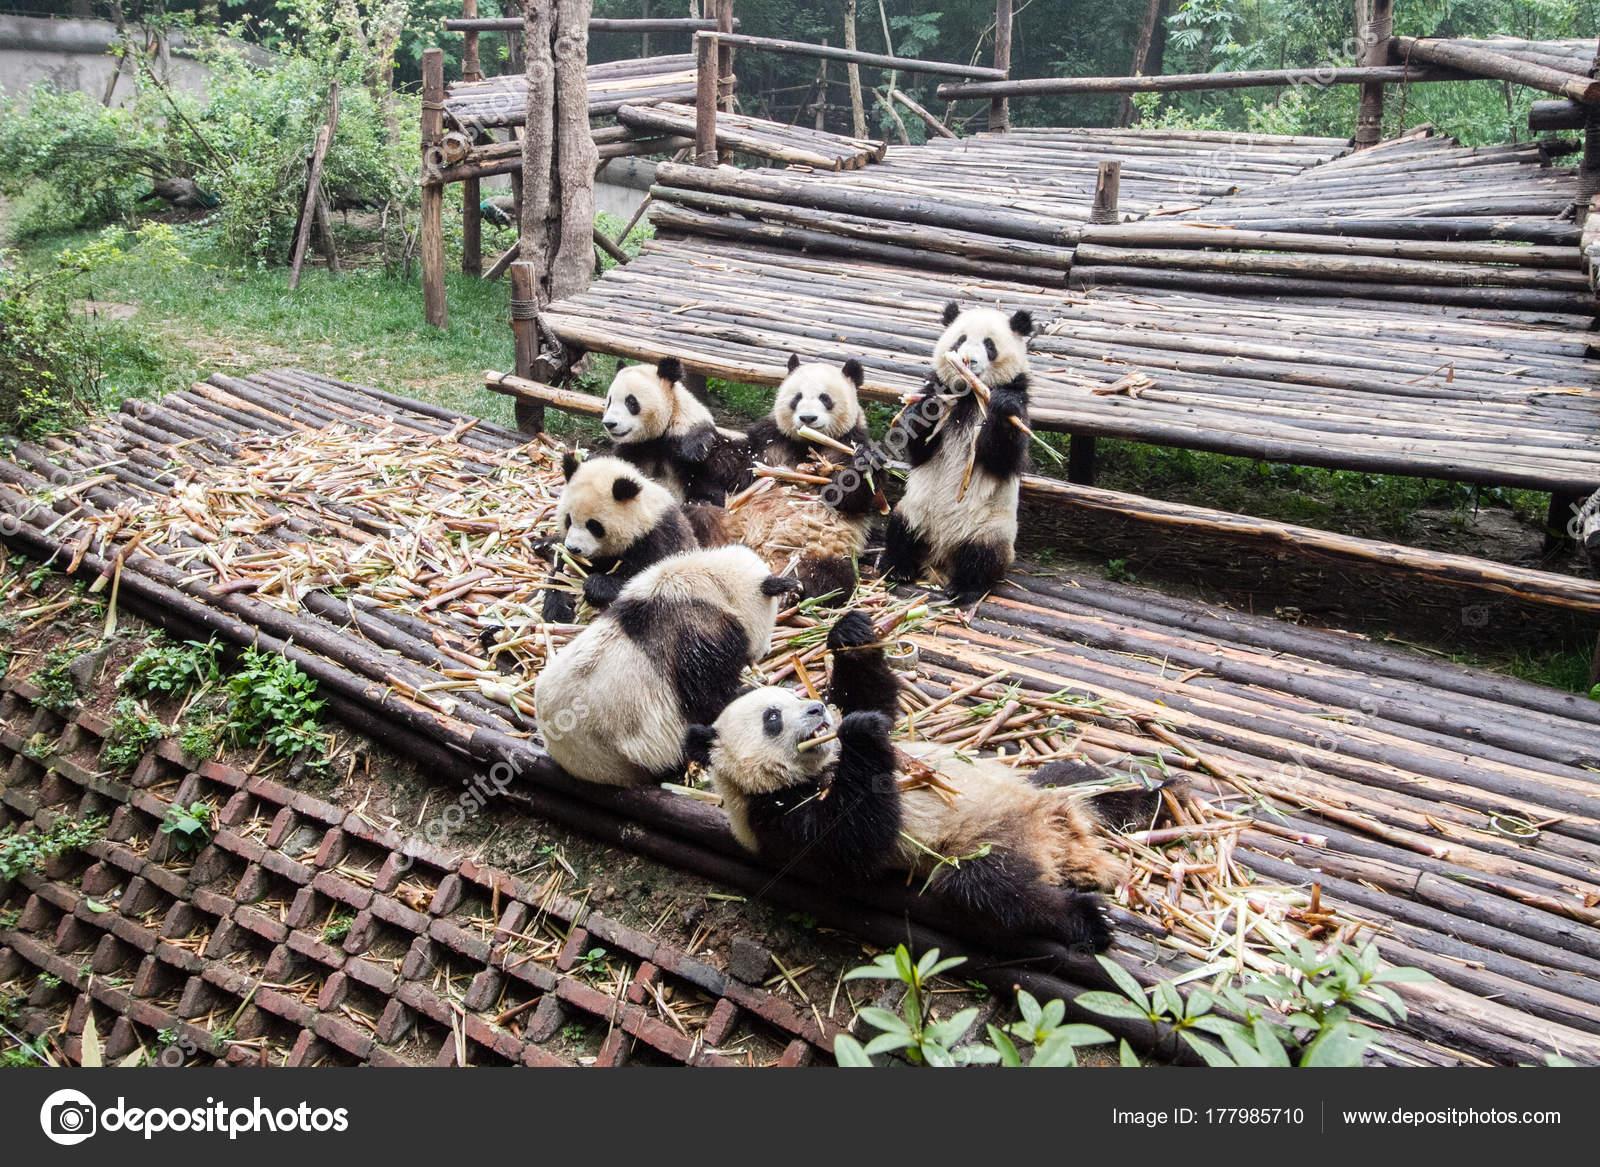 Die Pandas Essen Bambus Morgen Zoo Von China Stockfoto C Drpichai